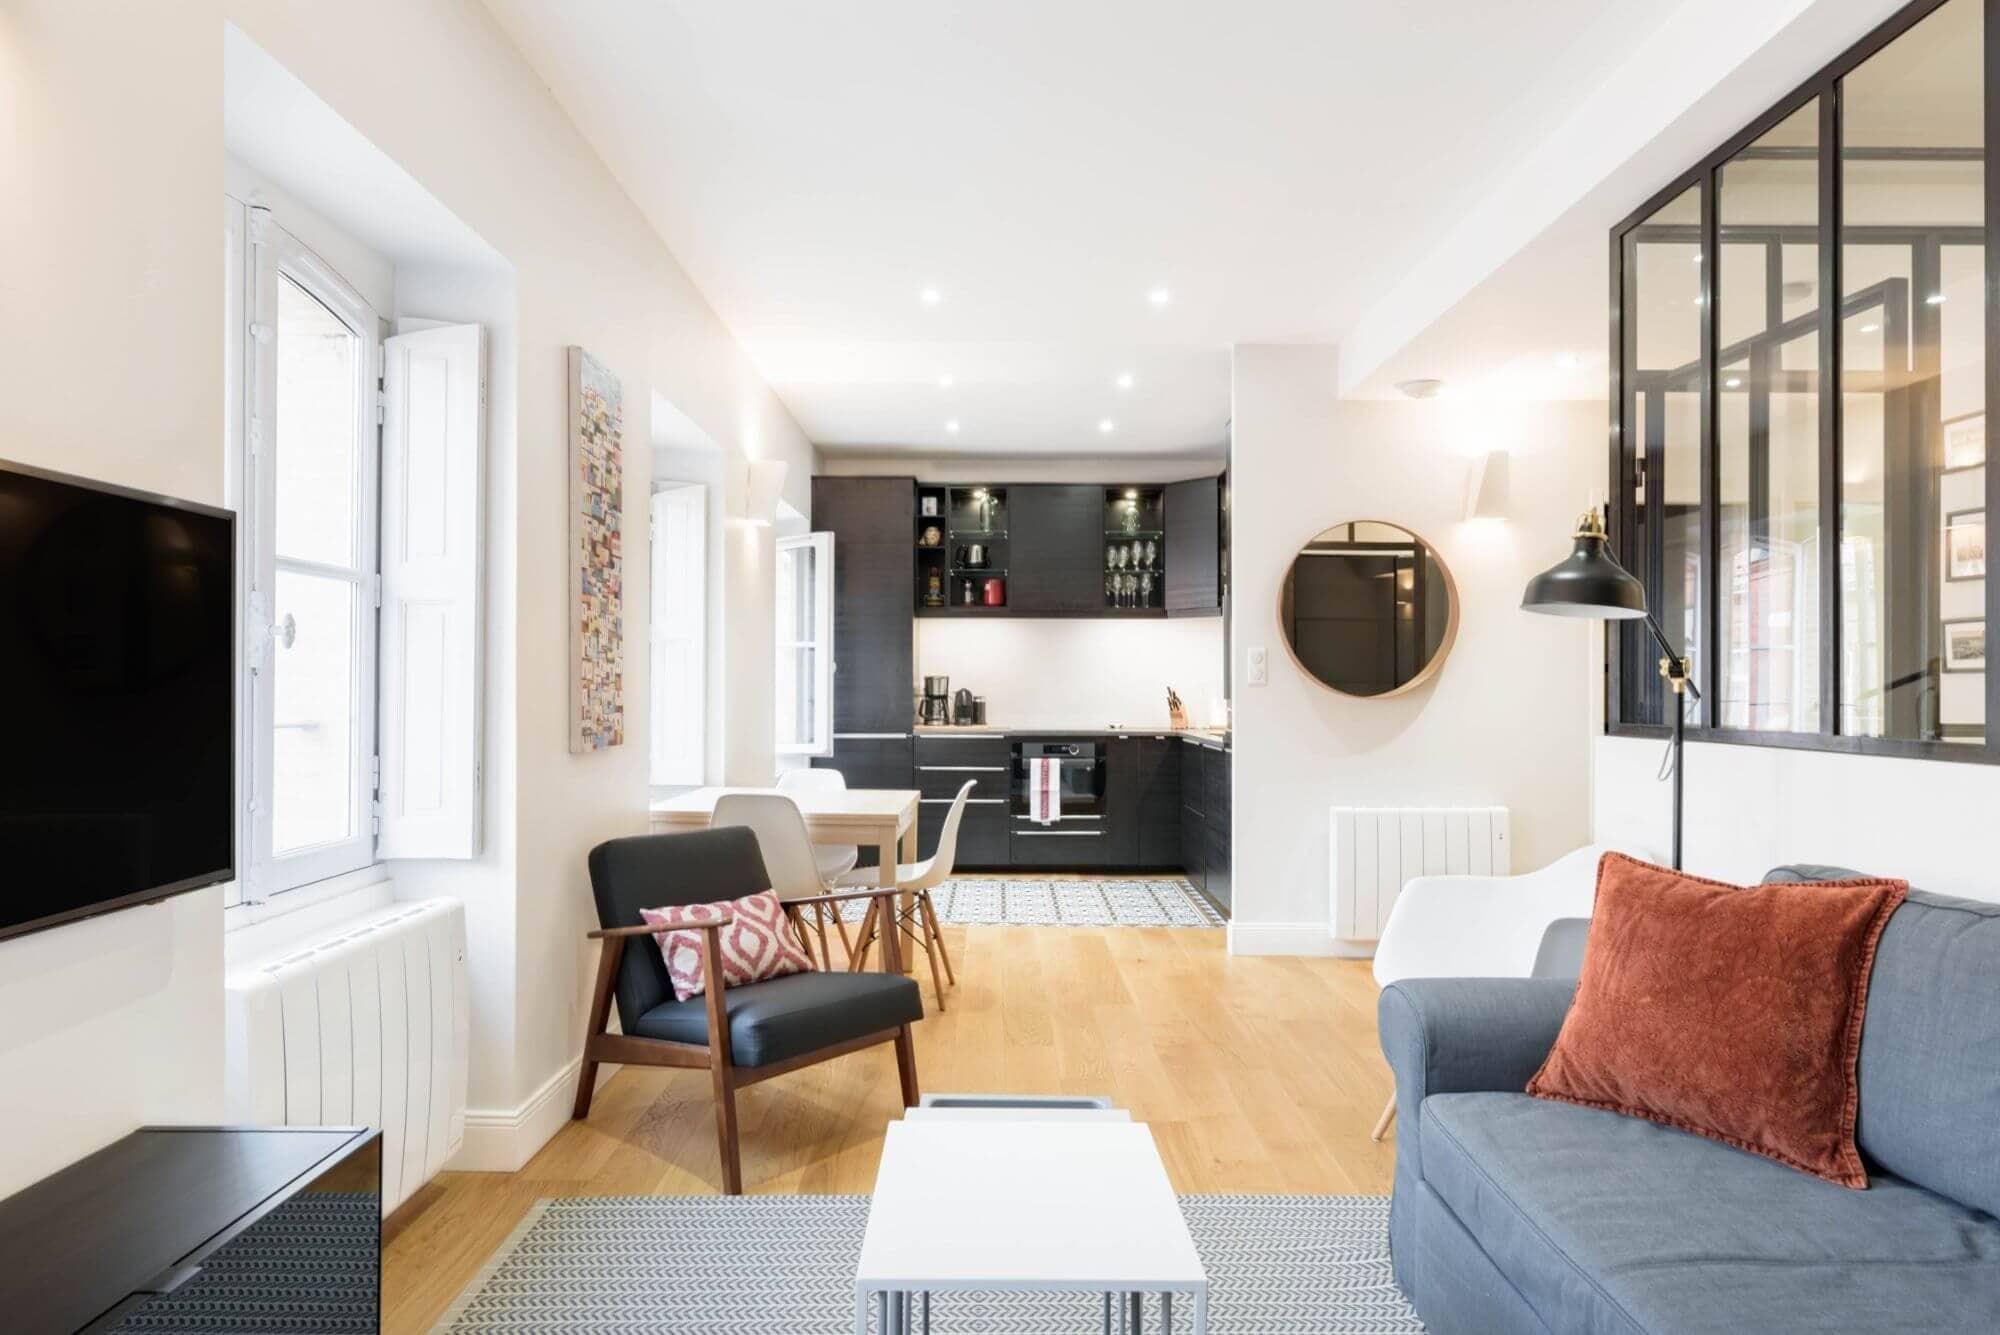 Cuisine, Salon, Canapé, verrière, décoration intérieure, Toulouse